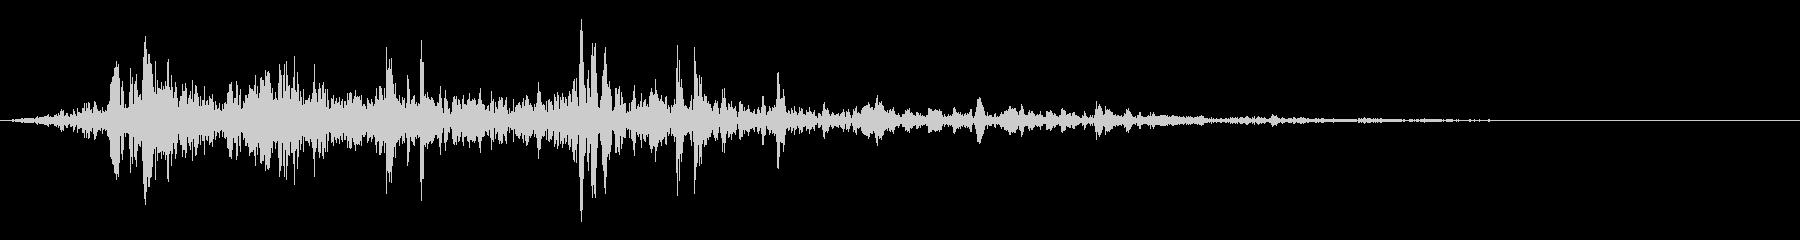 水を流す音(低めのゴボゴボ音)の未再生の波形